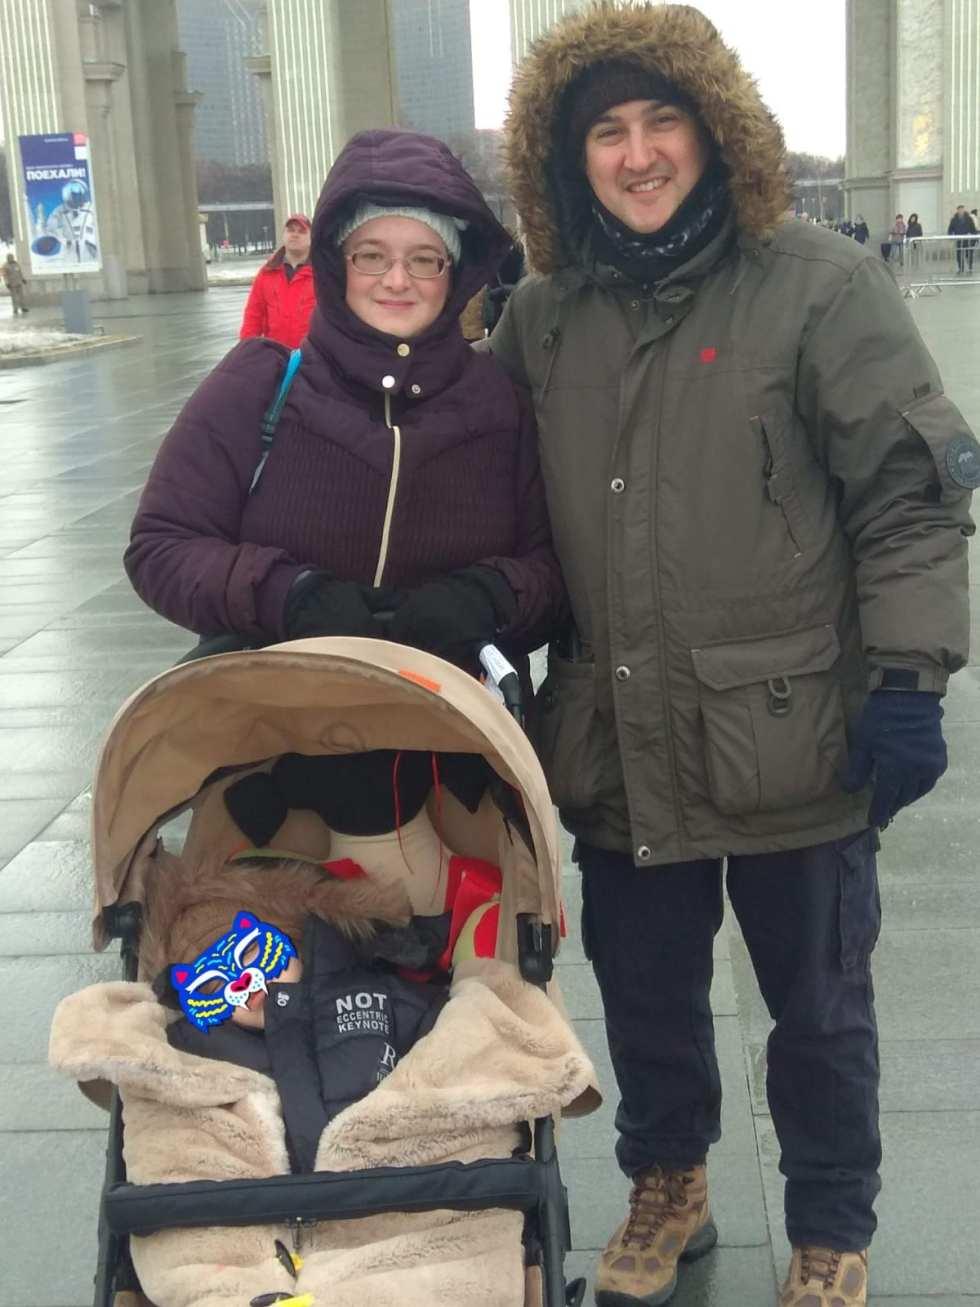 עטופים היטב לטיול במרץ הקר במוסקבה לפני הטיפול תאי גזע לאוטיזם